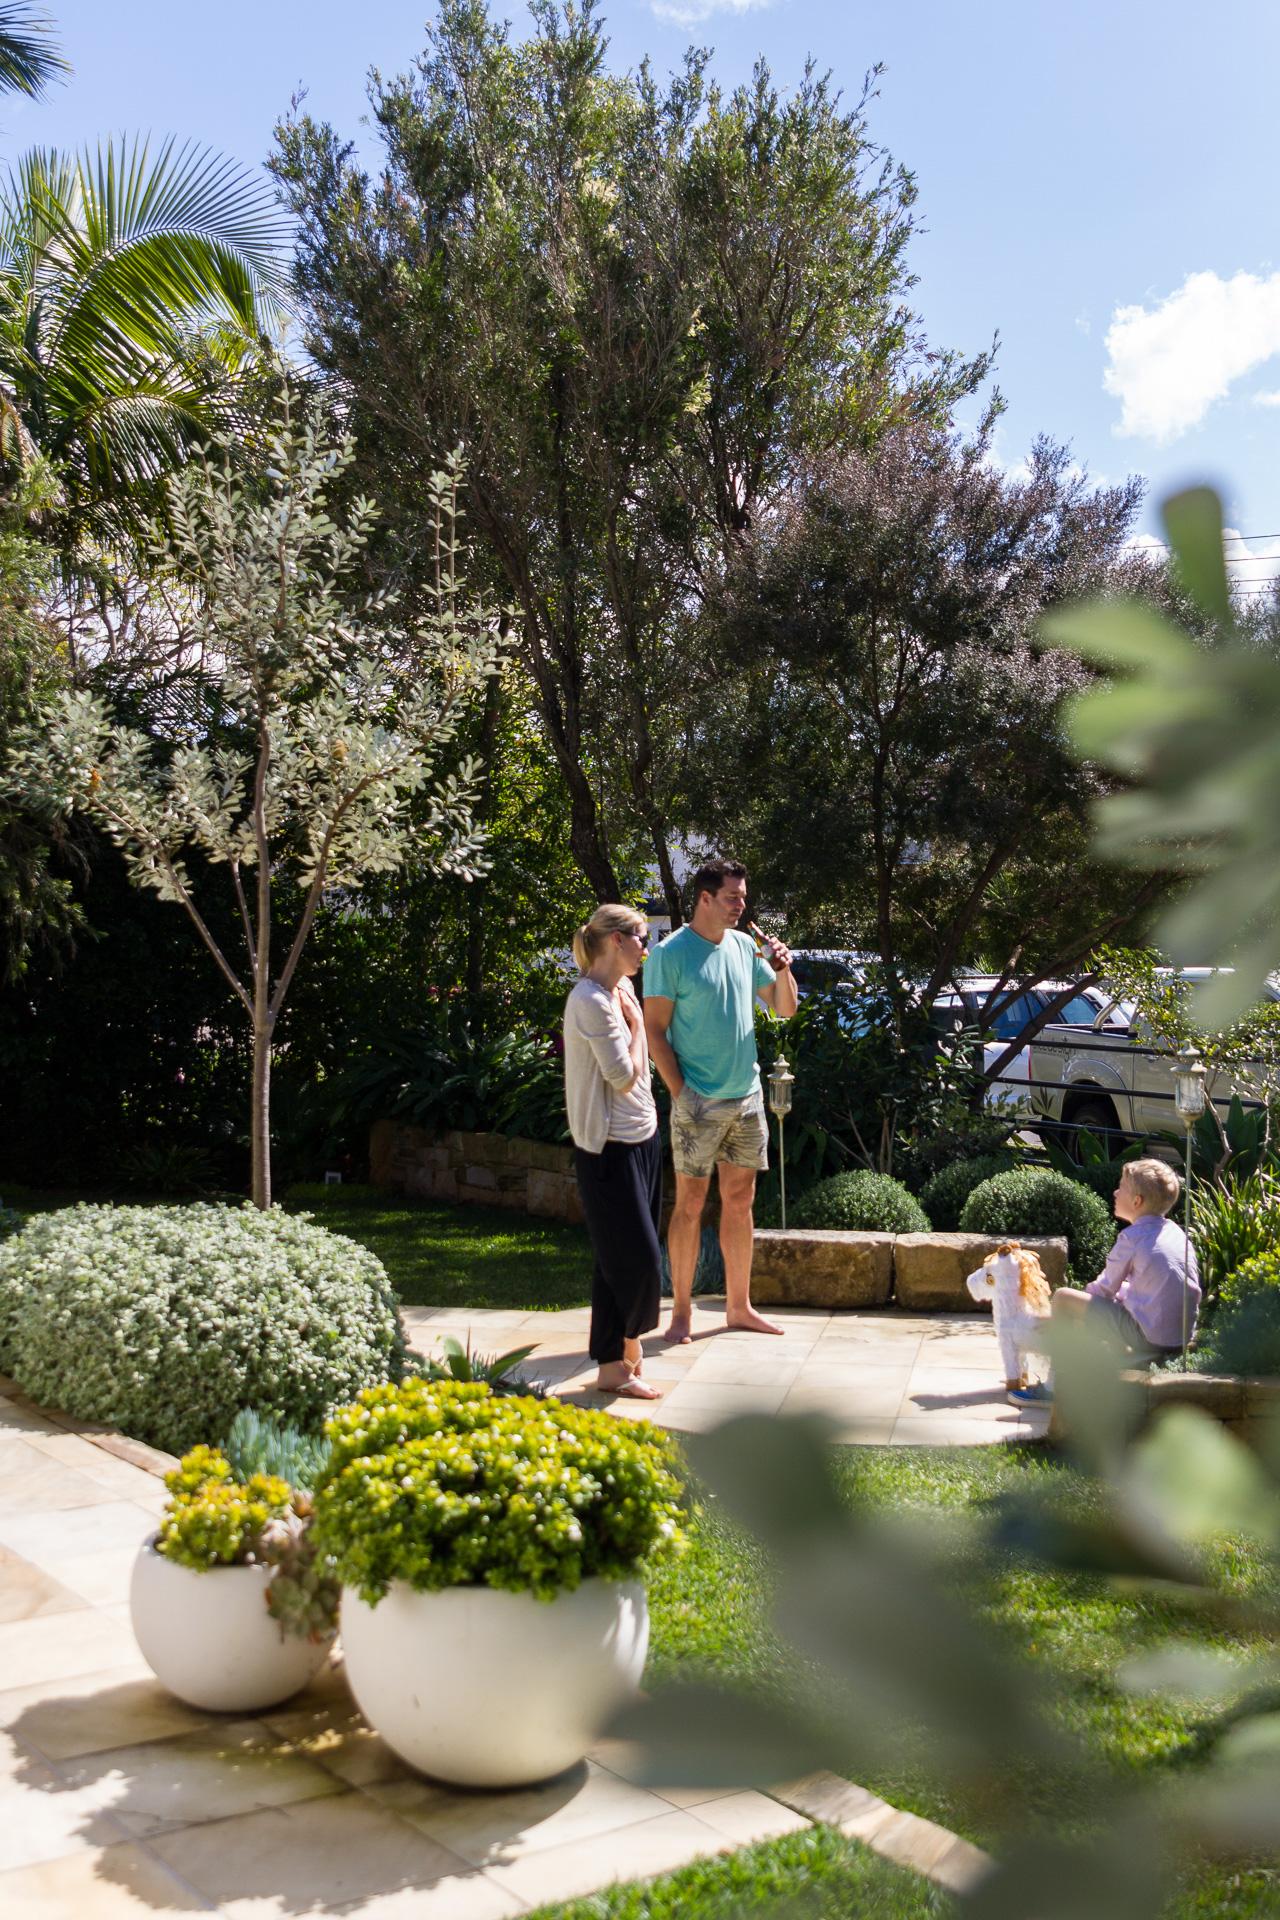 cronulla_residential_garden_design 32.jpg